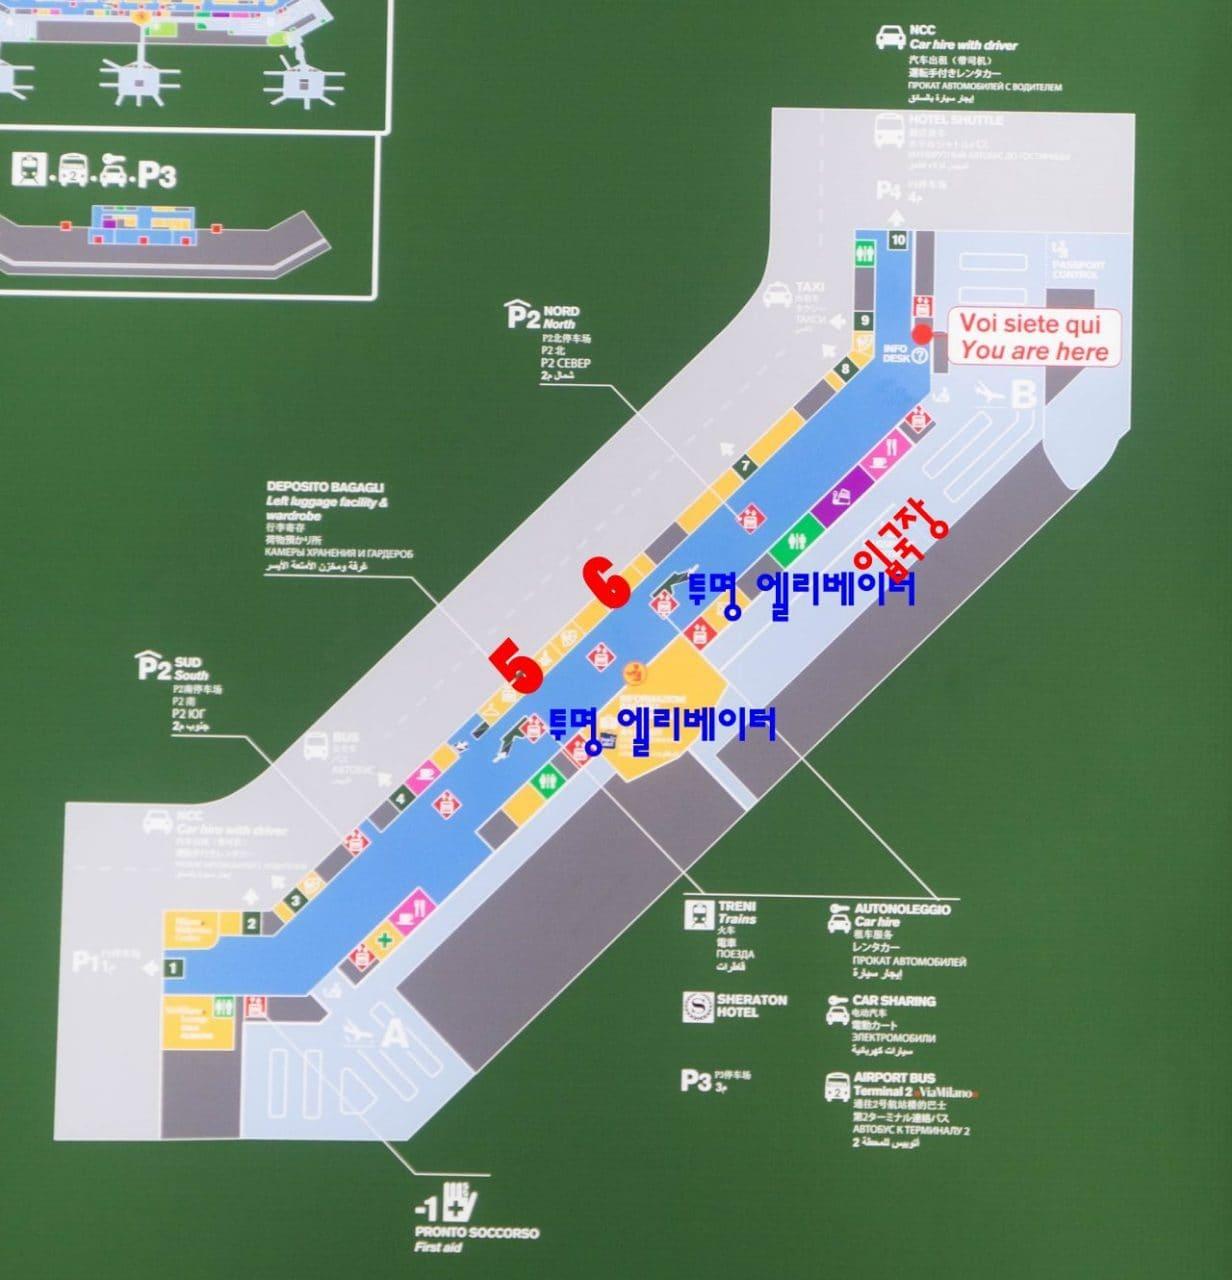 이탈리아 밀라노 말펜사 공항 지도, Image - Happist